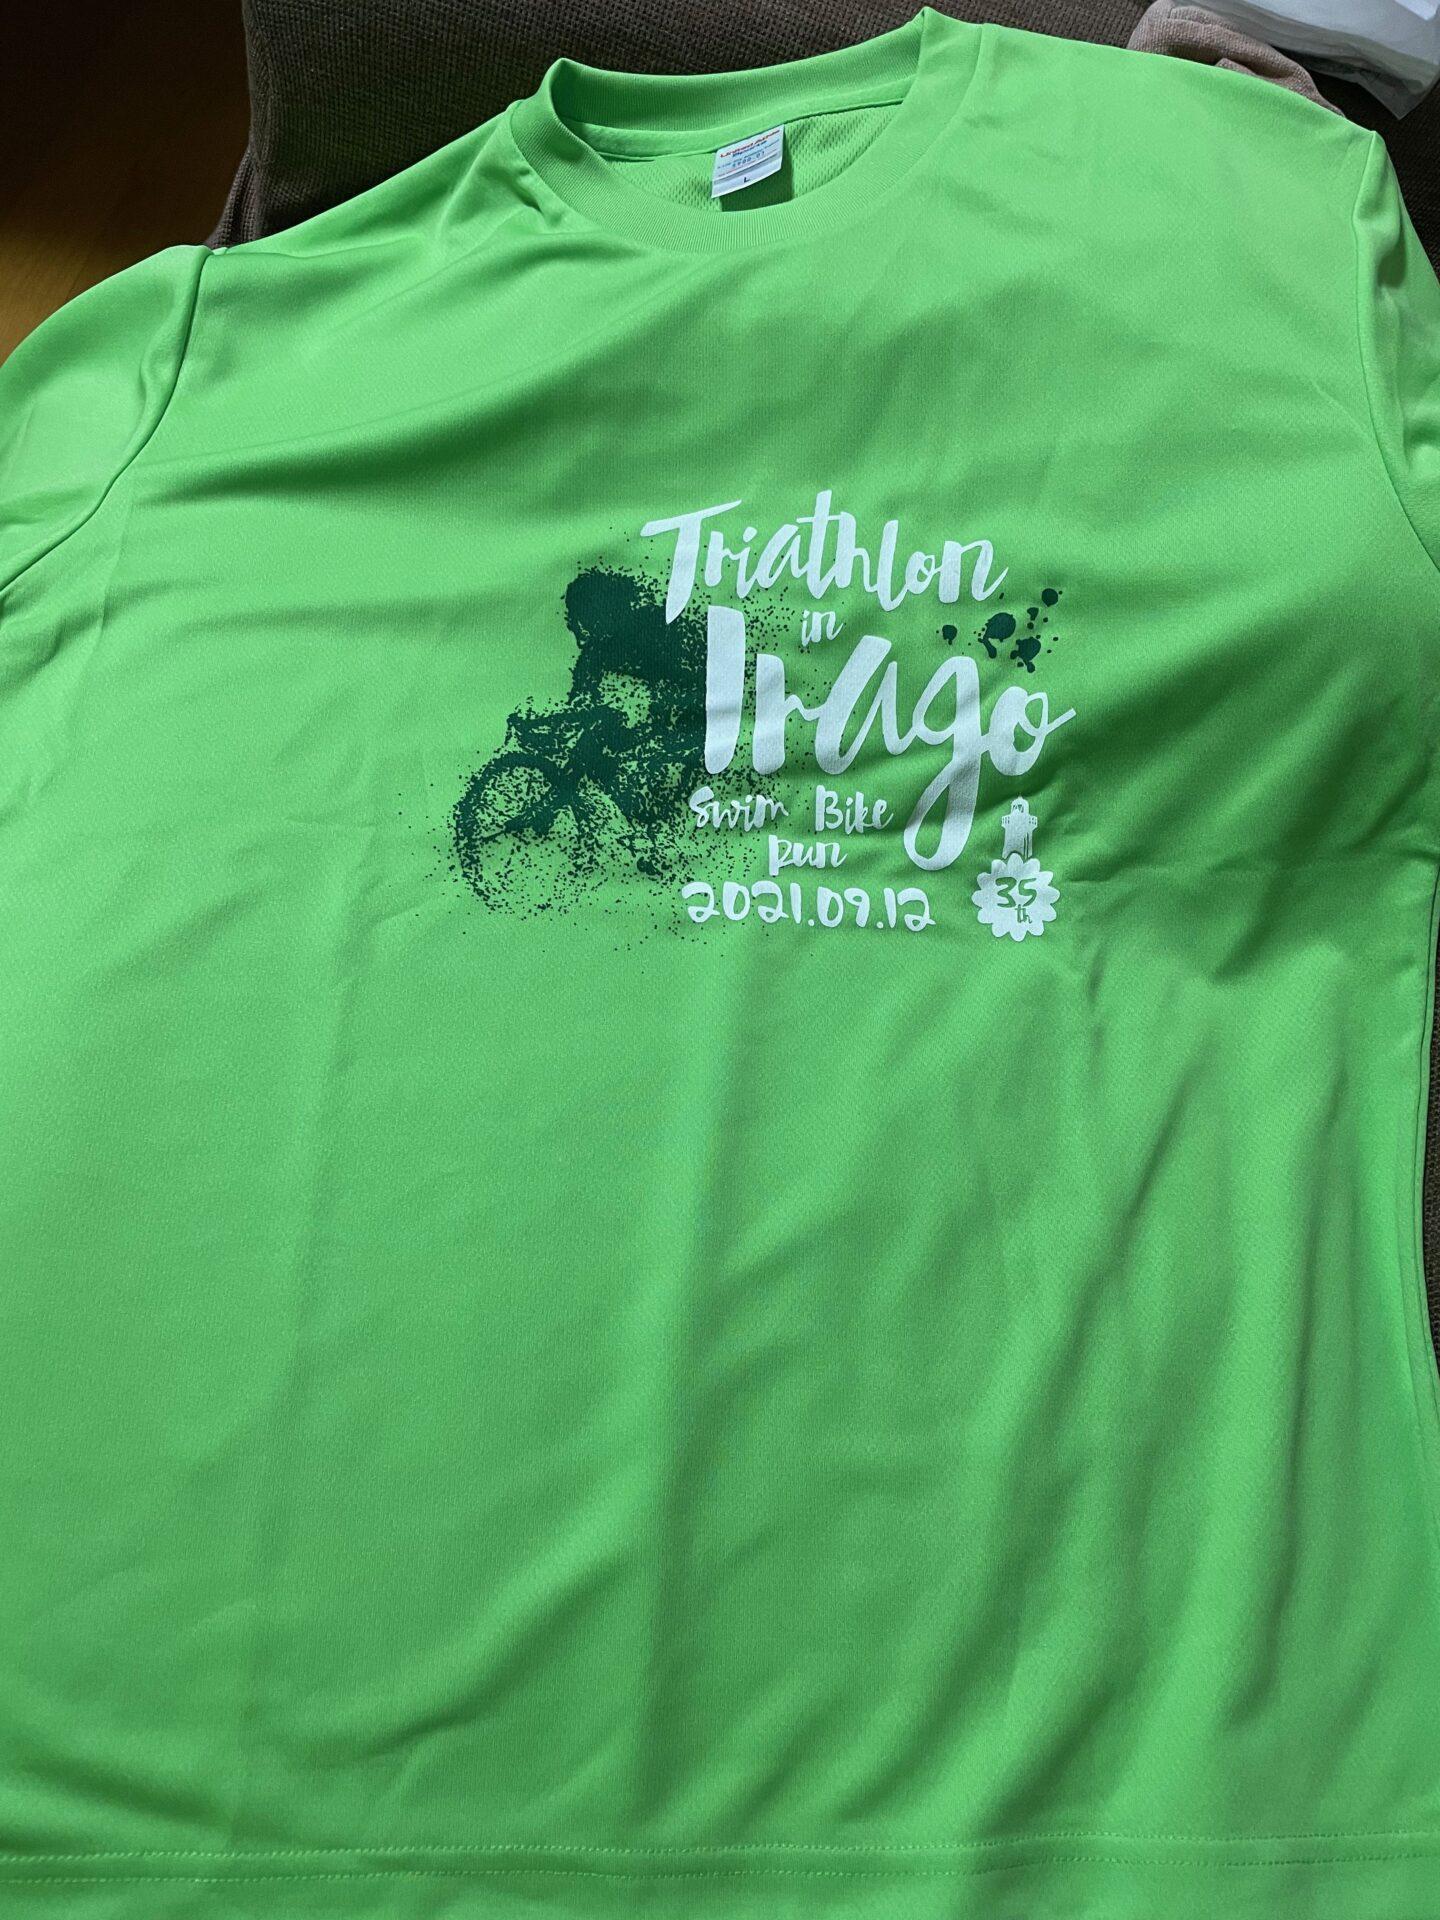 伊良湖トライアスロンの参加記念品 Tシャツ